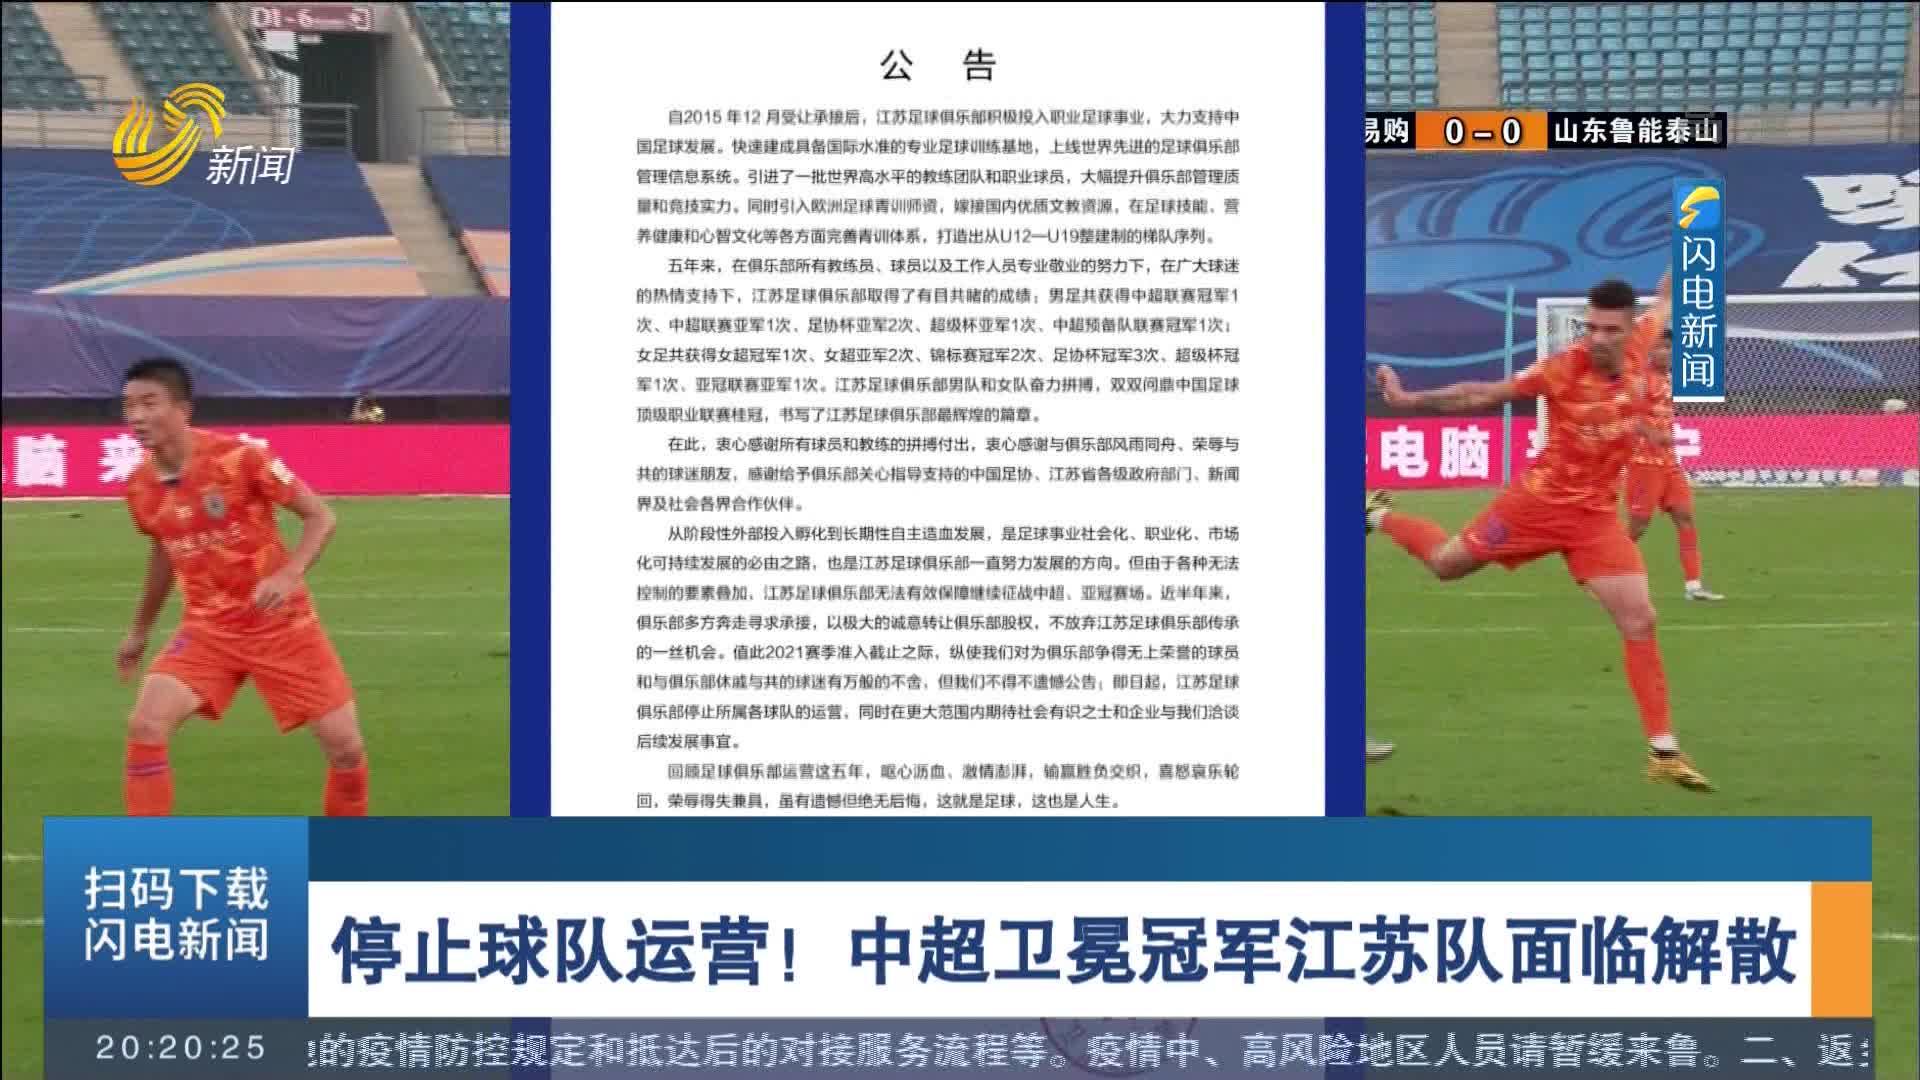 停止球队运营!中超卫冕冠军江苏队面临闭幕